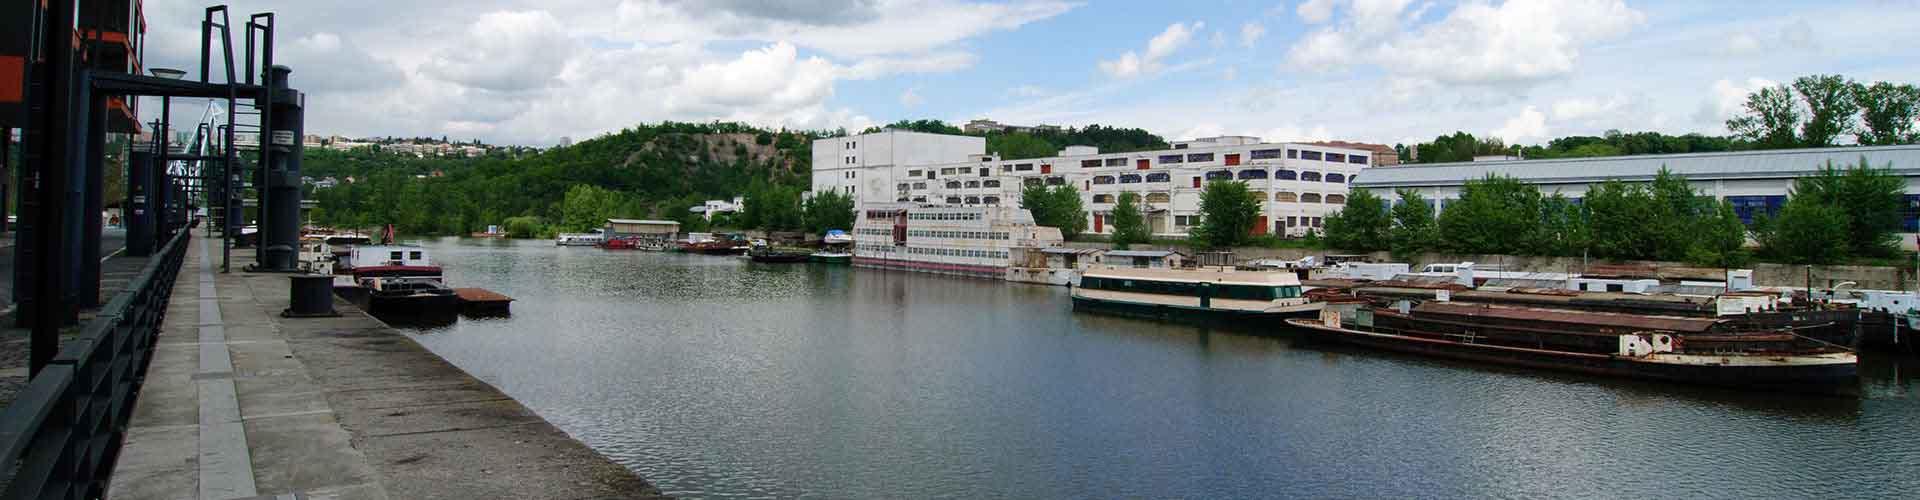 Praha – Hostellit kaupungiosassa Holesovicen. Praha -karttoja, valokuvia ja arvosteluja kaikista Praha -hostelleista.